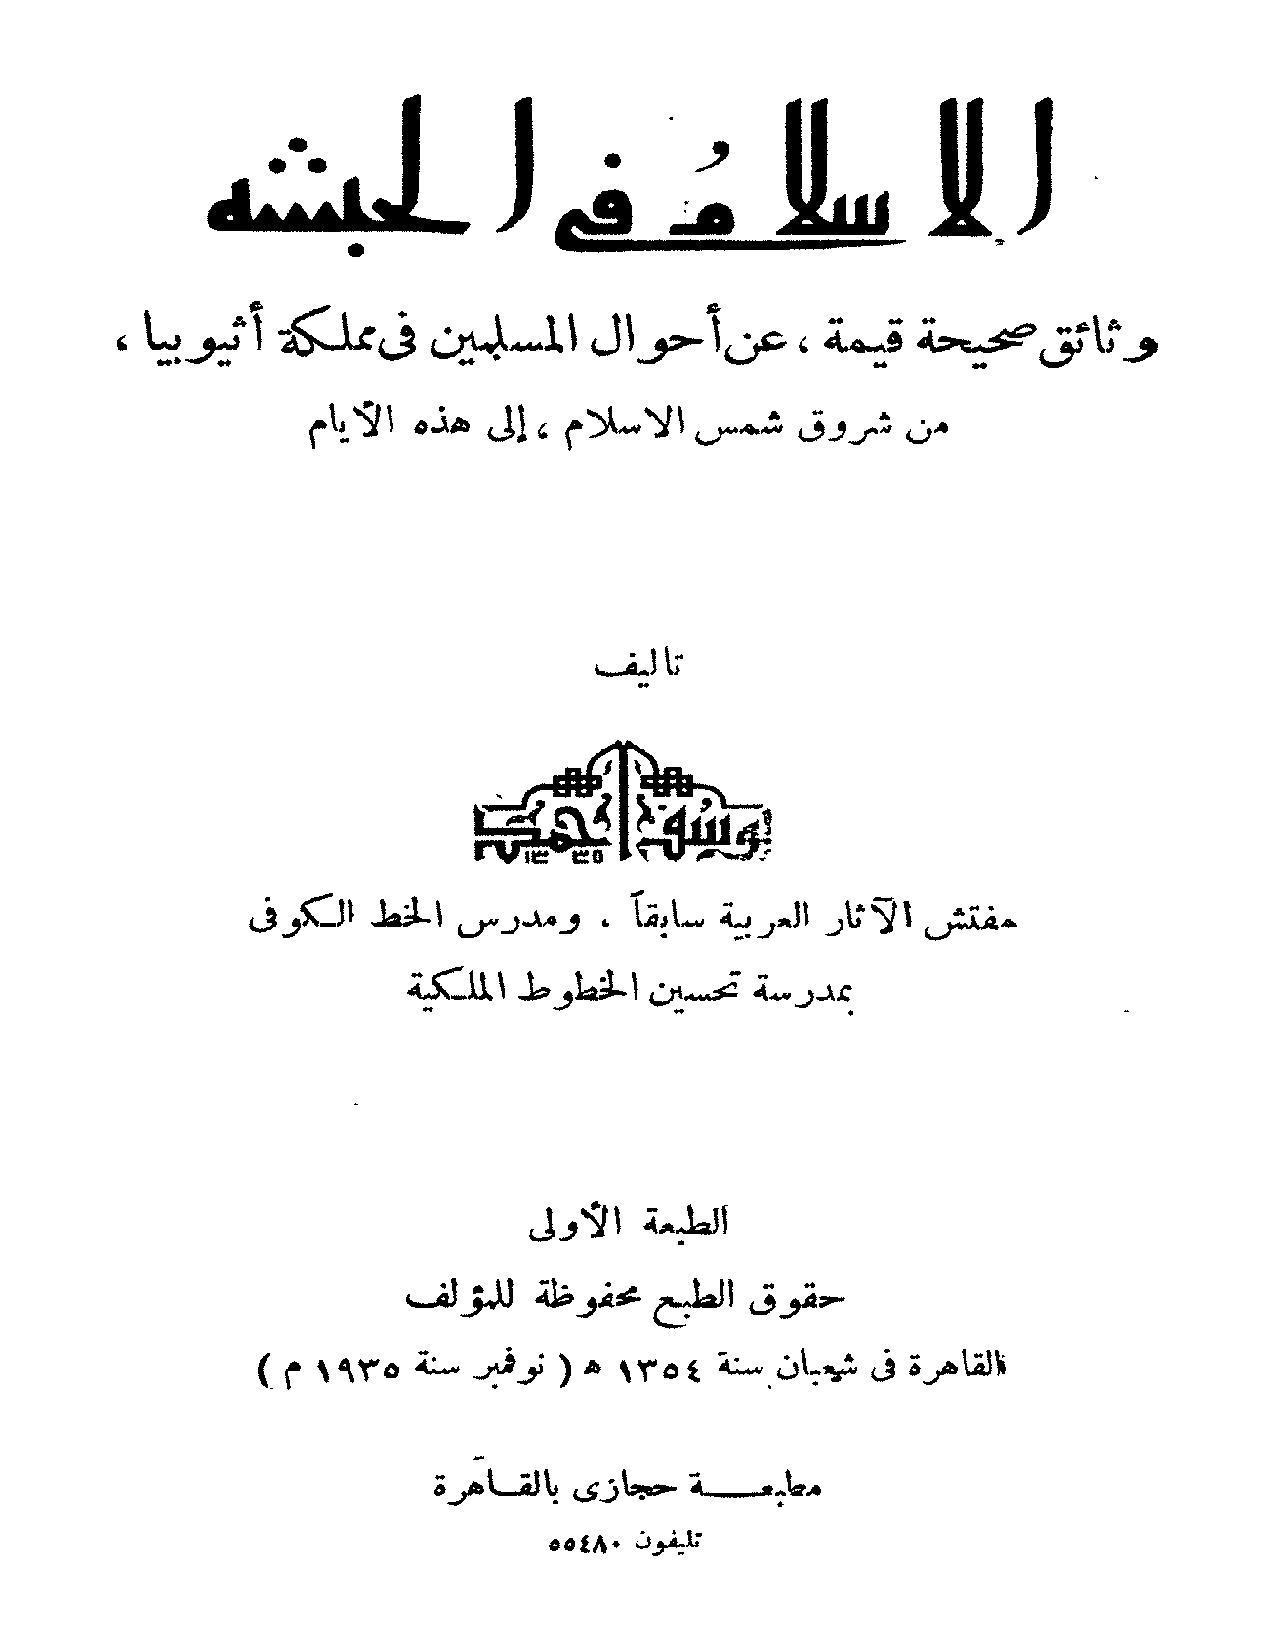 ملف الإسلام في الحبشة Pdf ويكي مصدر